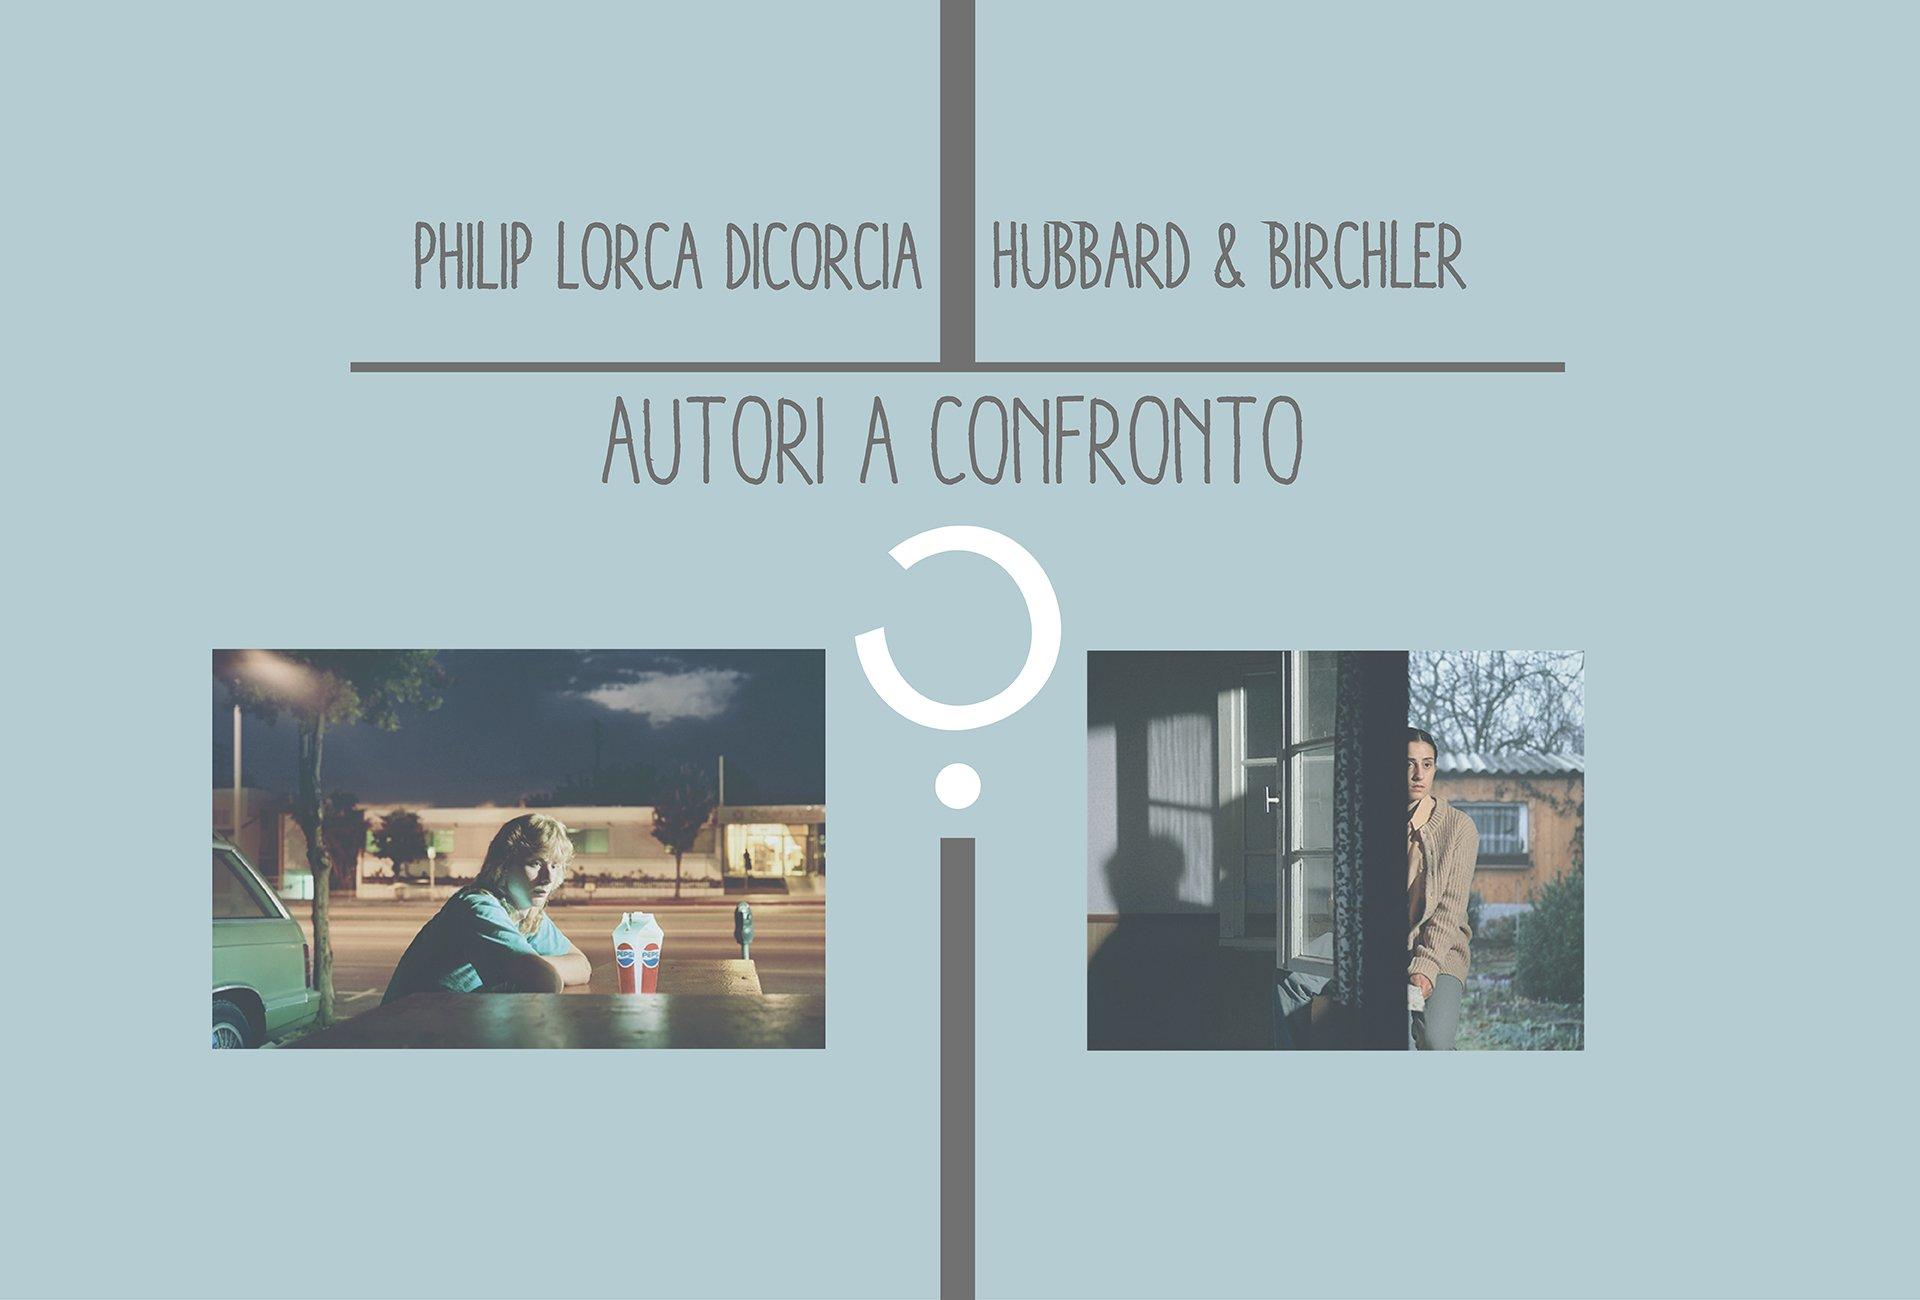 Autori a confronto - Philip Lorca Dicorcia, Hubbard & Birchler